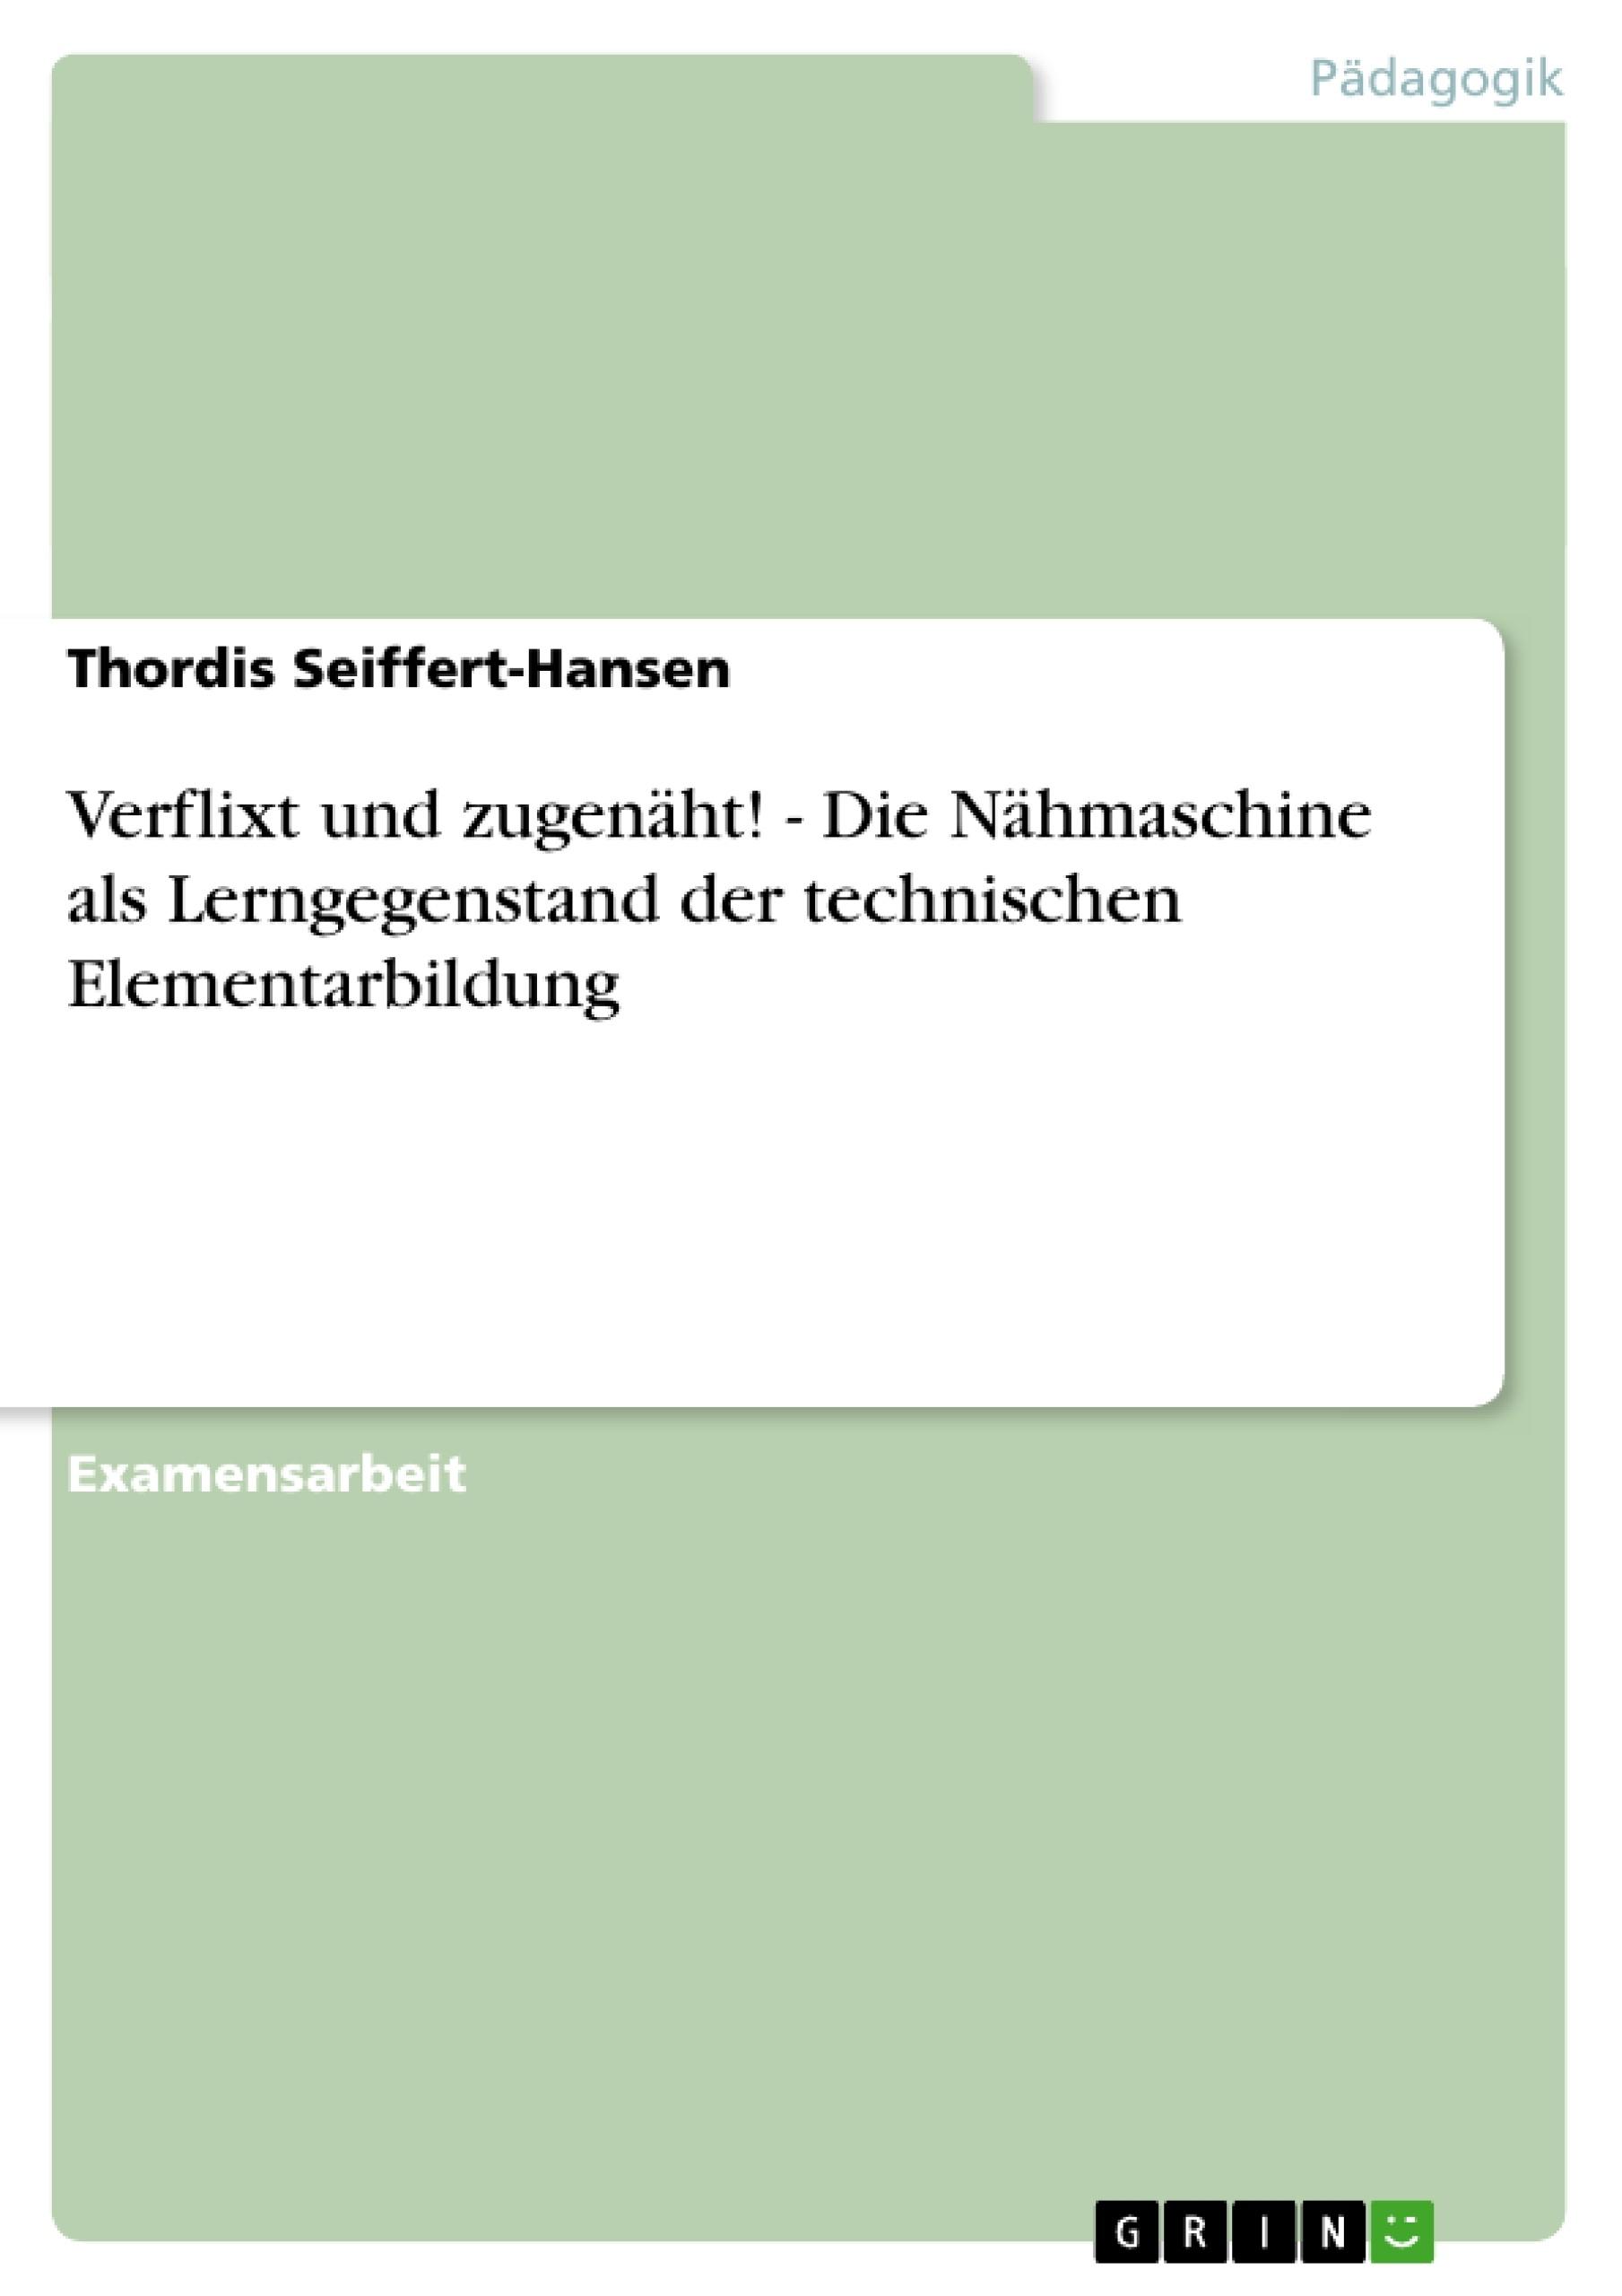 Titel: Verflixt und zugenäht! - Die Nähmaschine als Lerngegenstand der technischen Elementarbildung